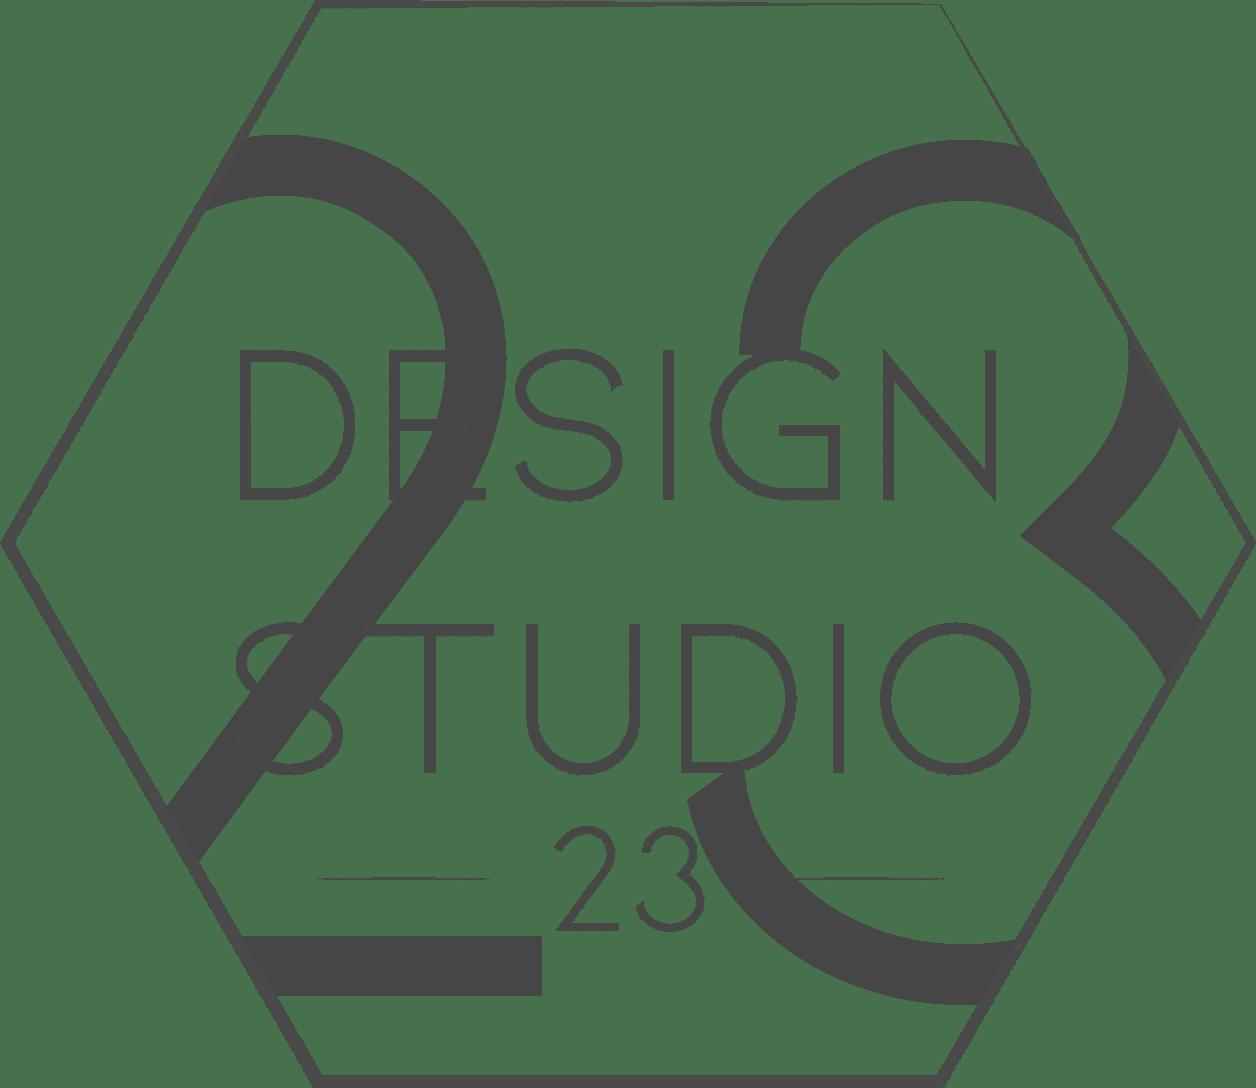 Designstudio23